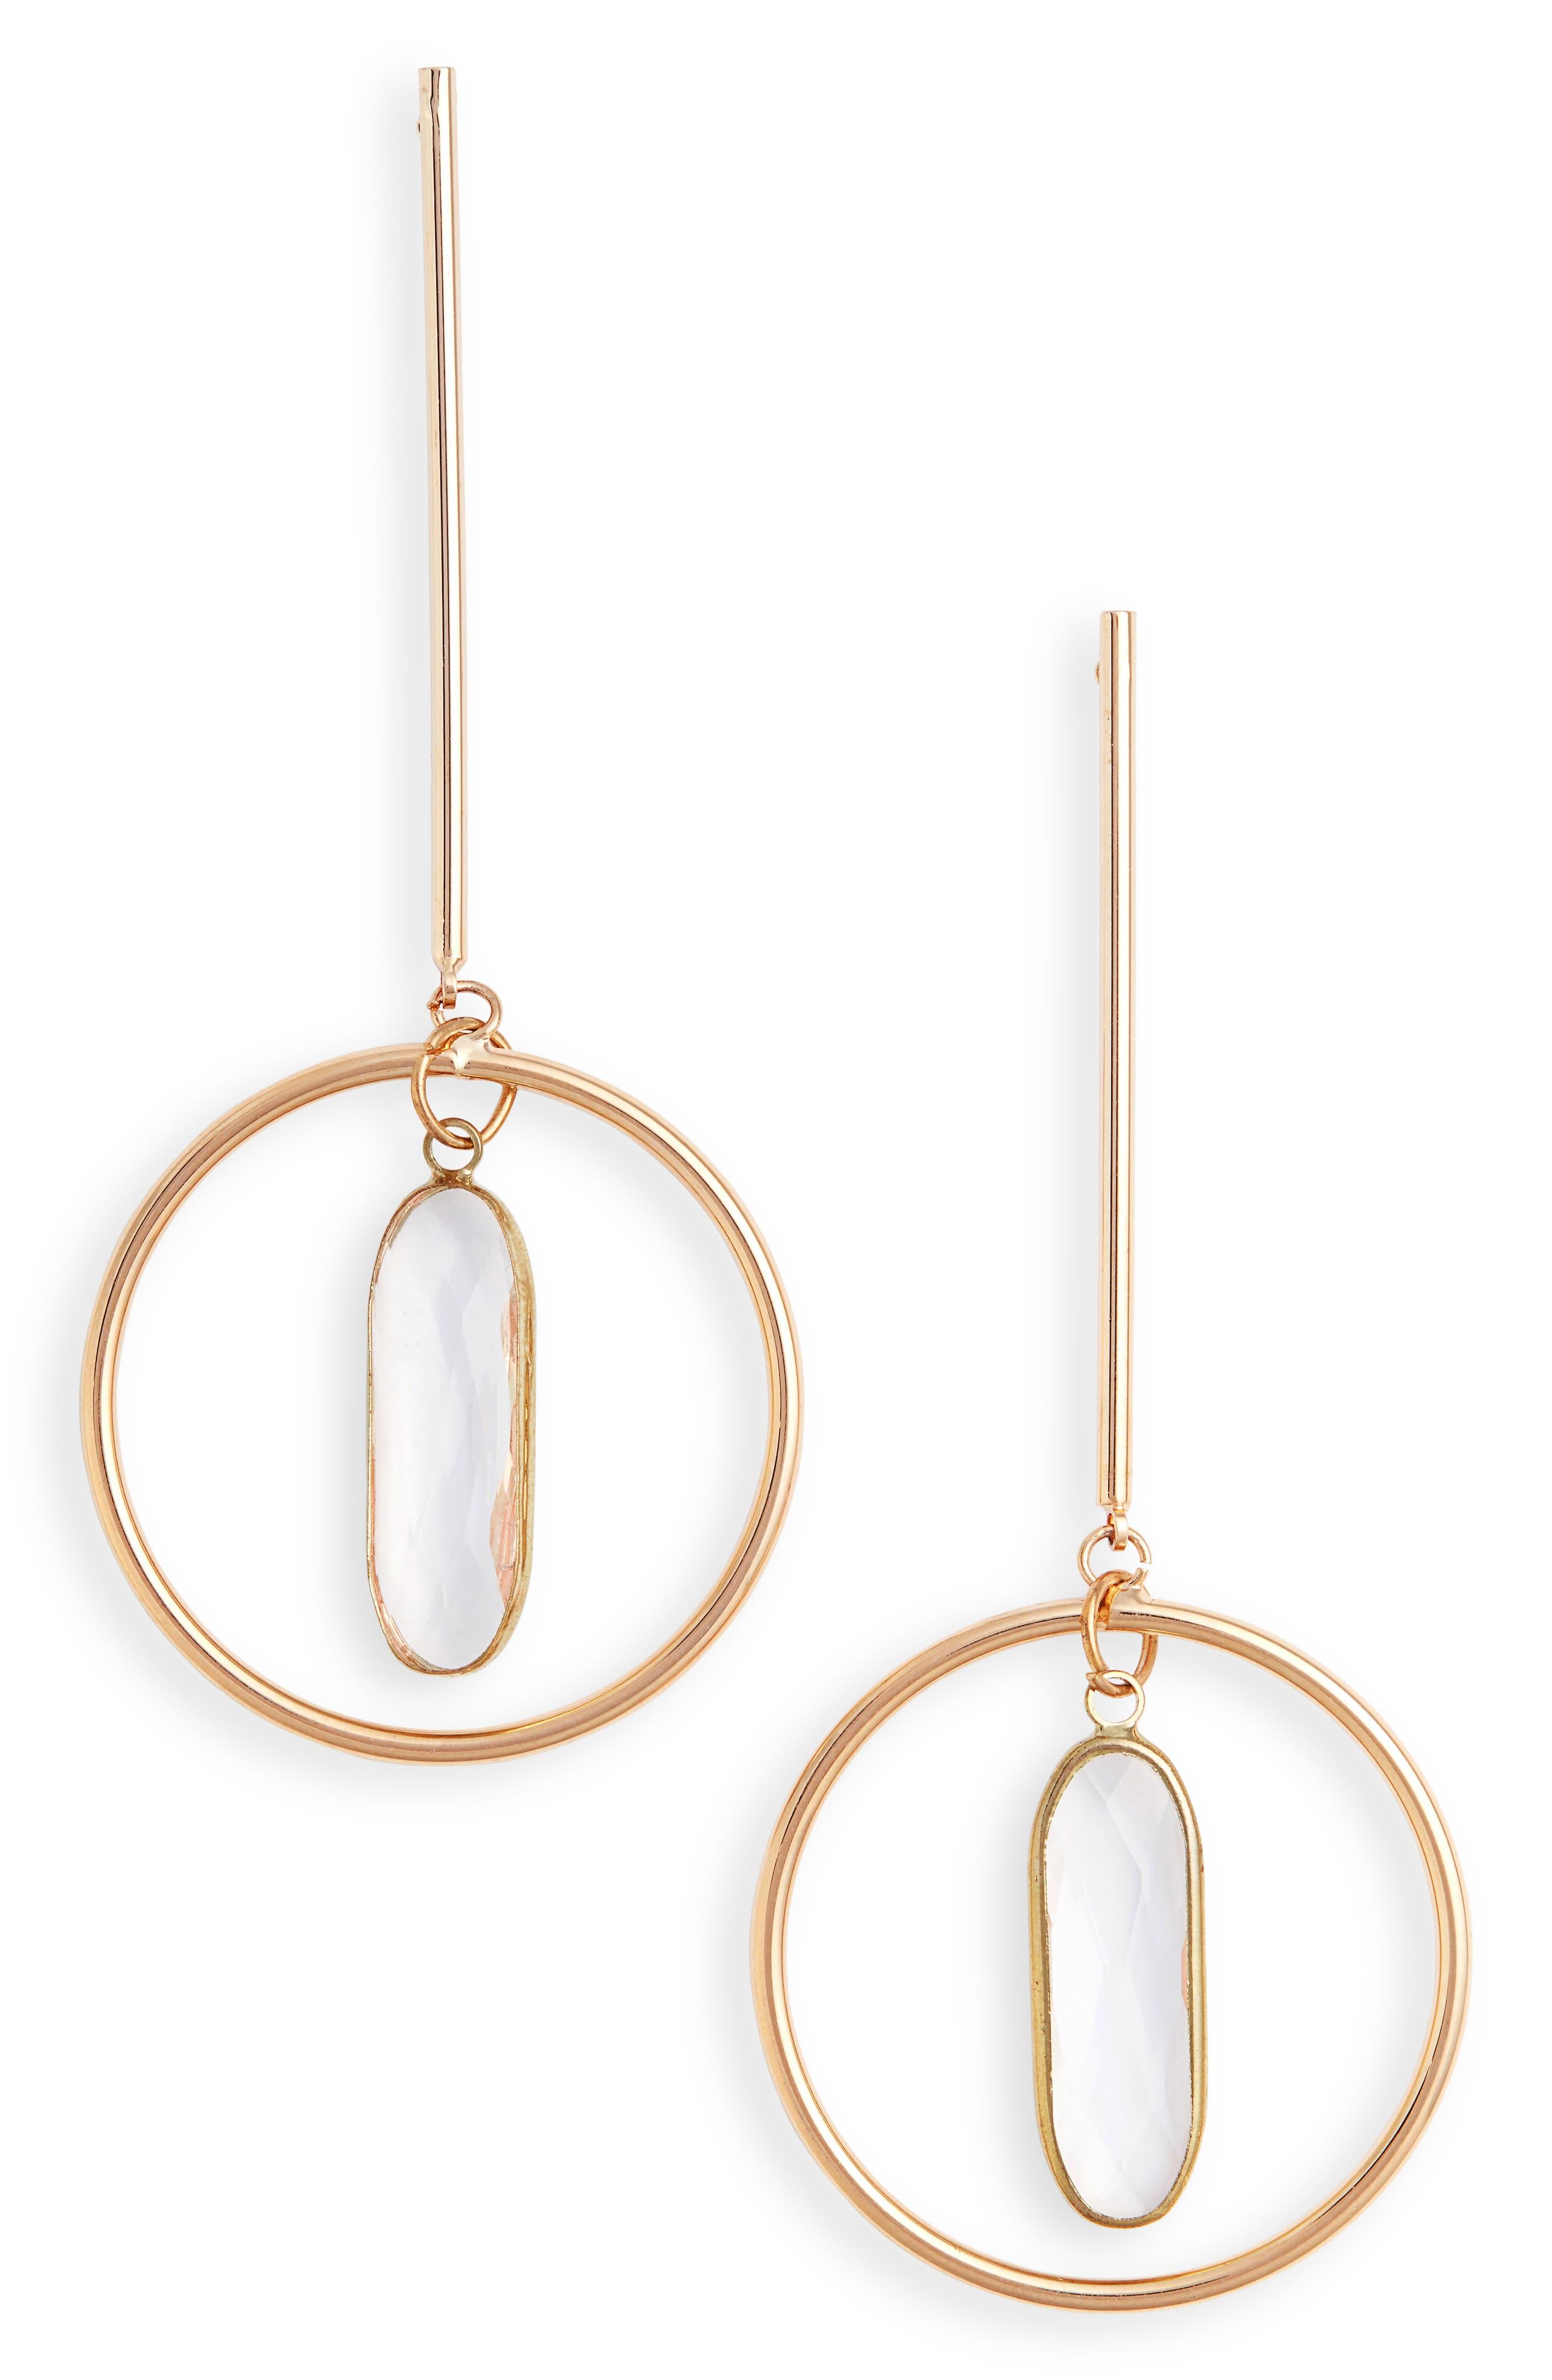 Elise M. Novalee Bar & Hoop Earrings